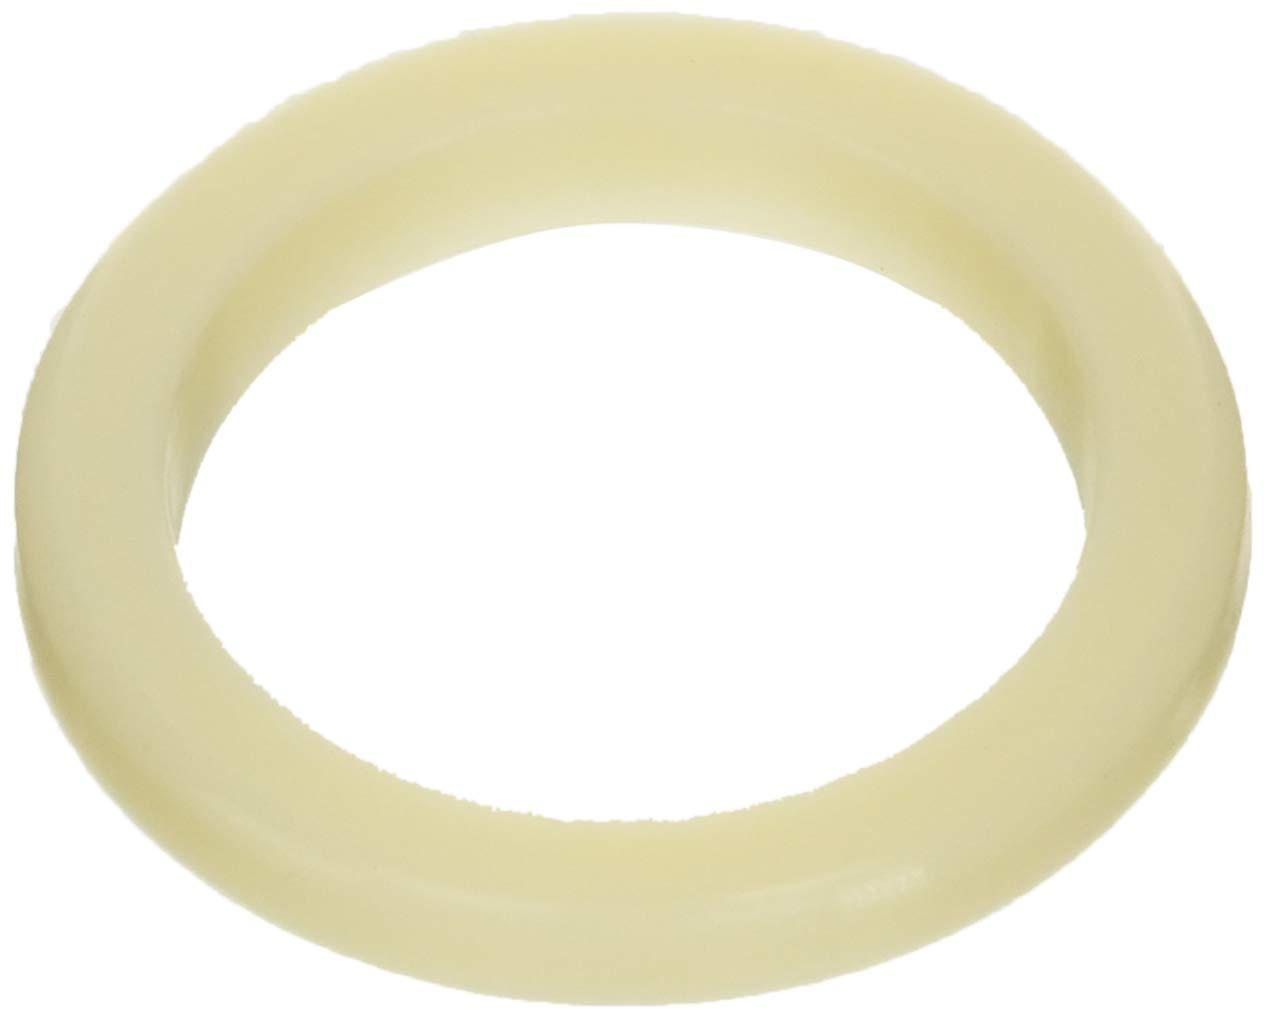 Gasket for Breville Machines 54mm BES870XL BES860XL BES840XL BES810BSS Seal